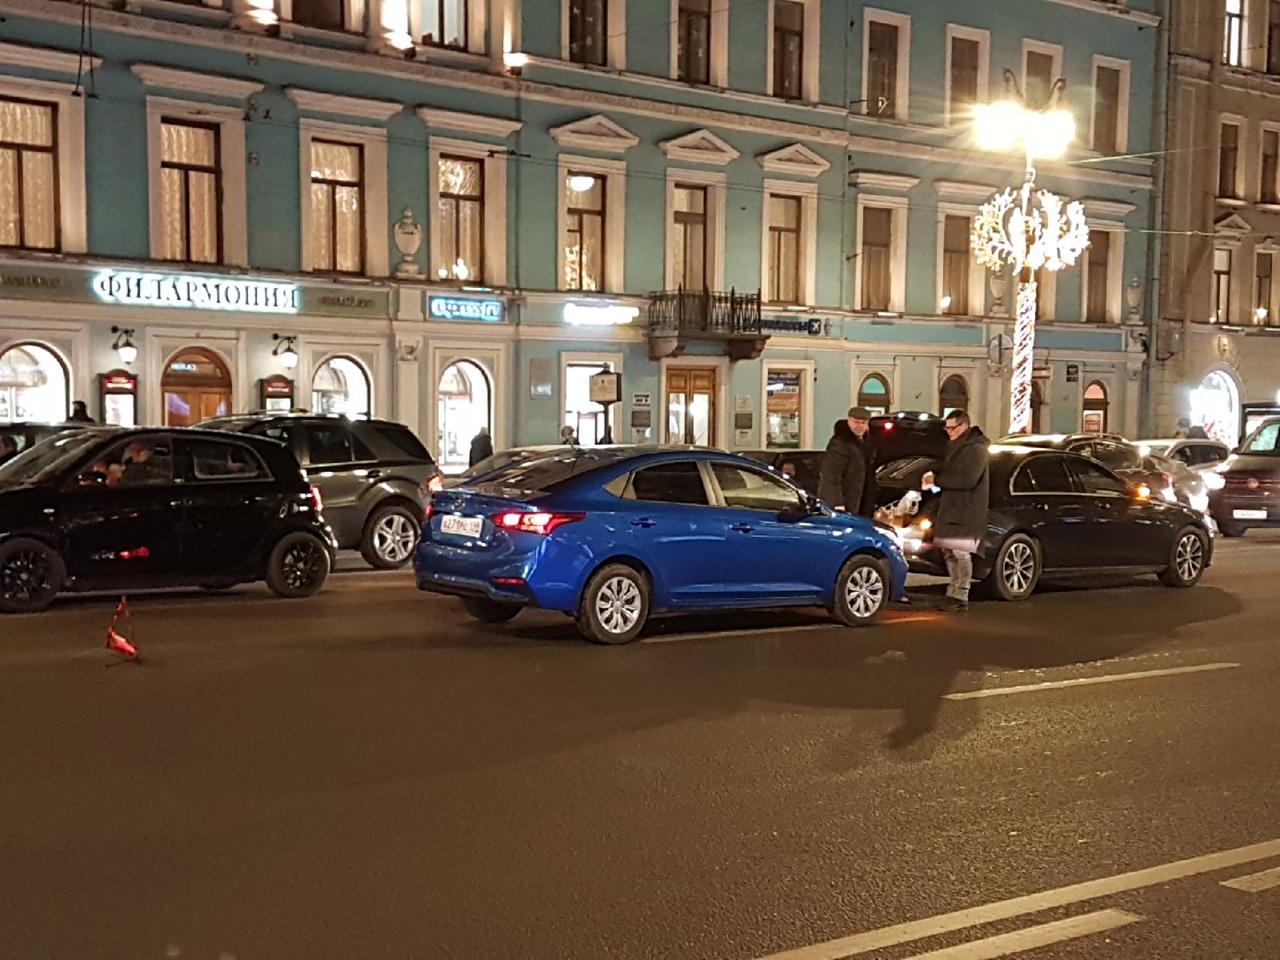 Hyundai догнал Мерседеса на Невском, в левом ряду, напротив входа в метро. Проезду не мешают.